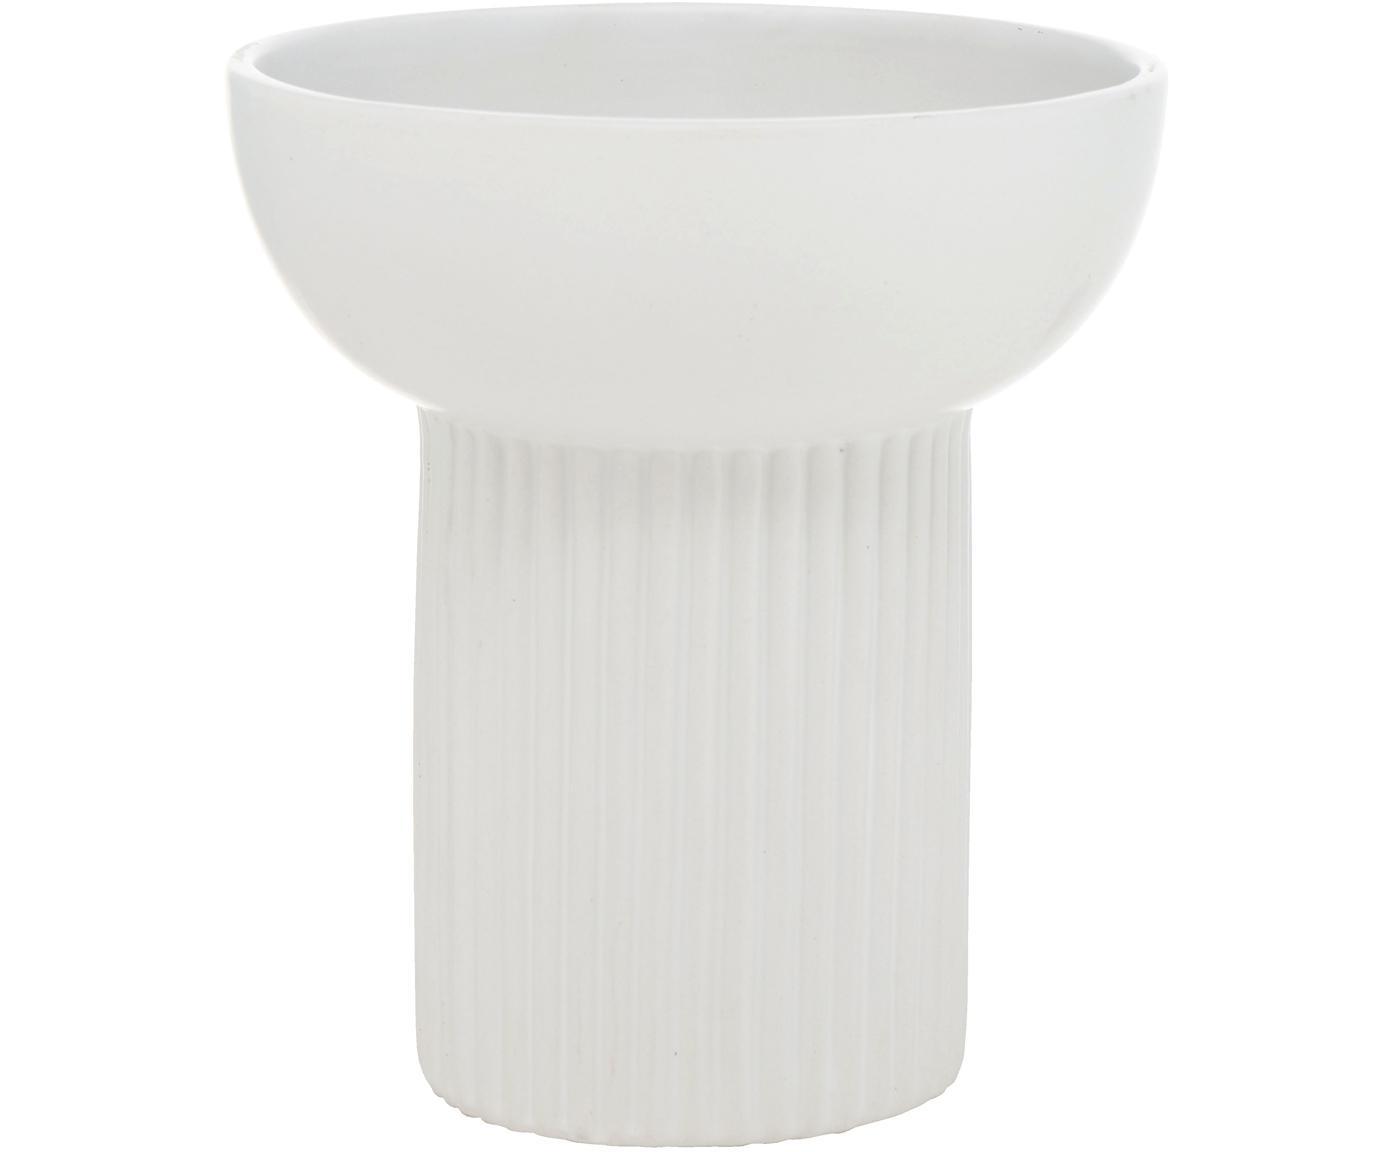 Mały wazon z dolomitu Giulio, Dolomit, Biały, Ø 17 x W 19 cm